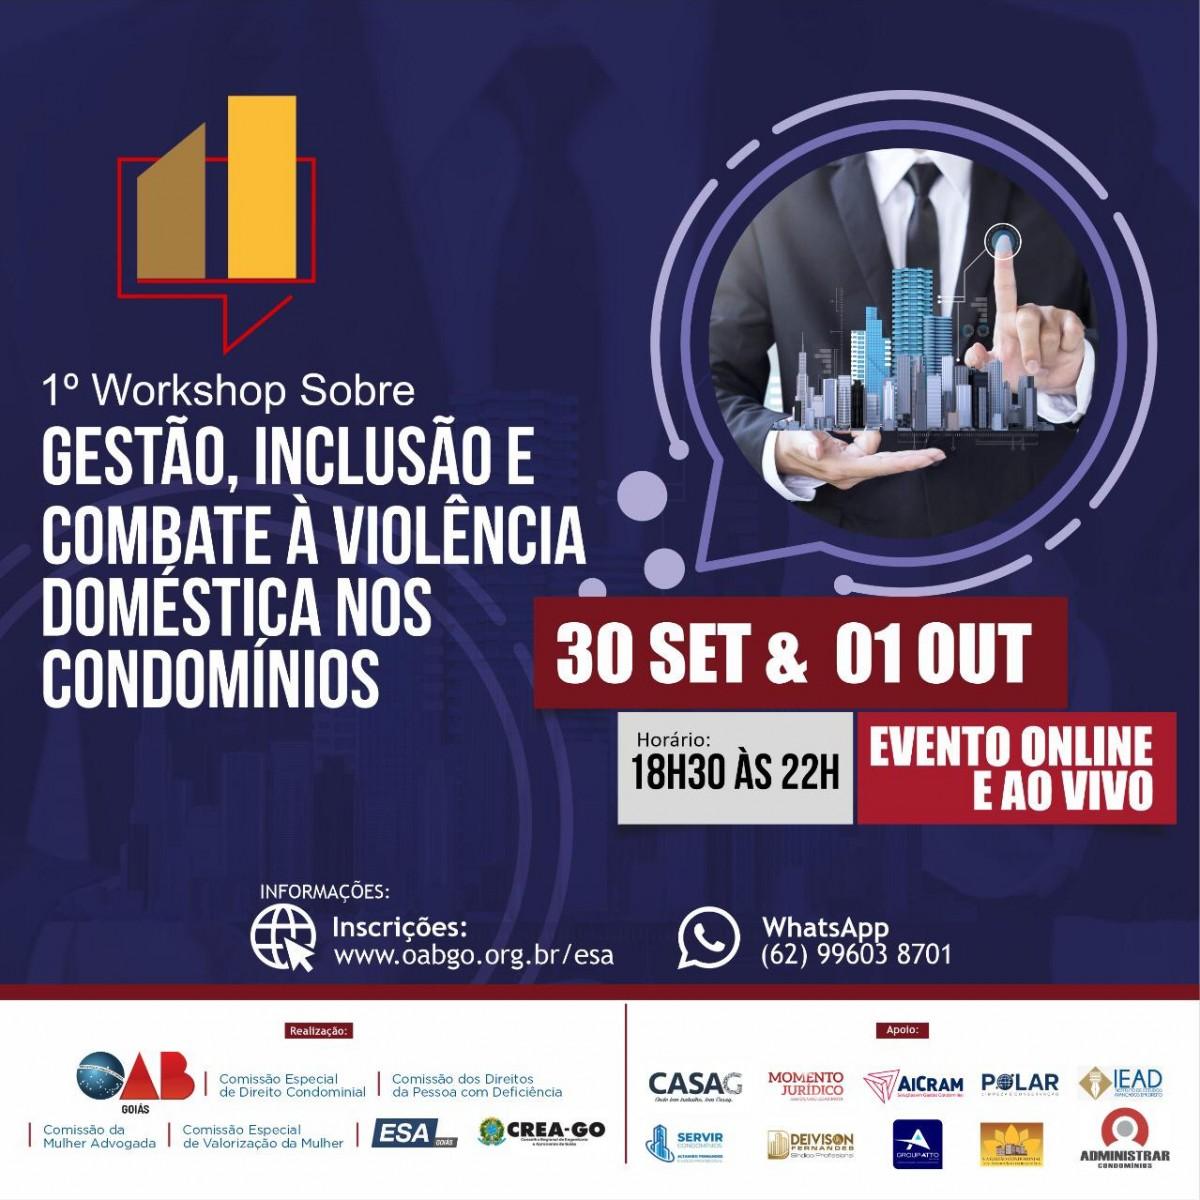 [noticia: conselheiros-do-crea-go-participam-de-workshop-sobre-direito-condominial] - CREA E OAB.jpeg